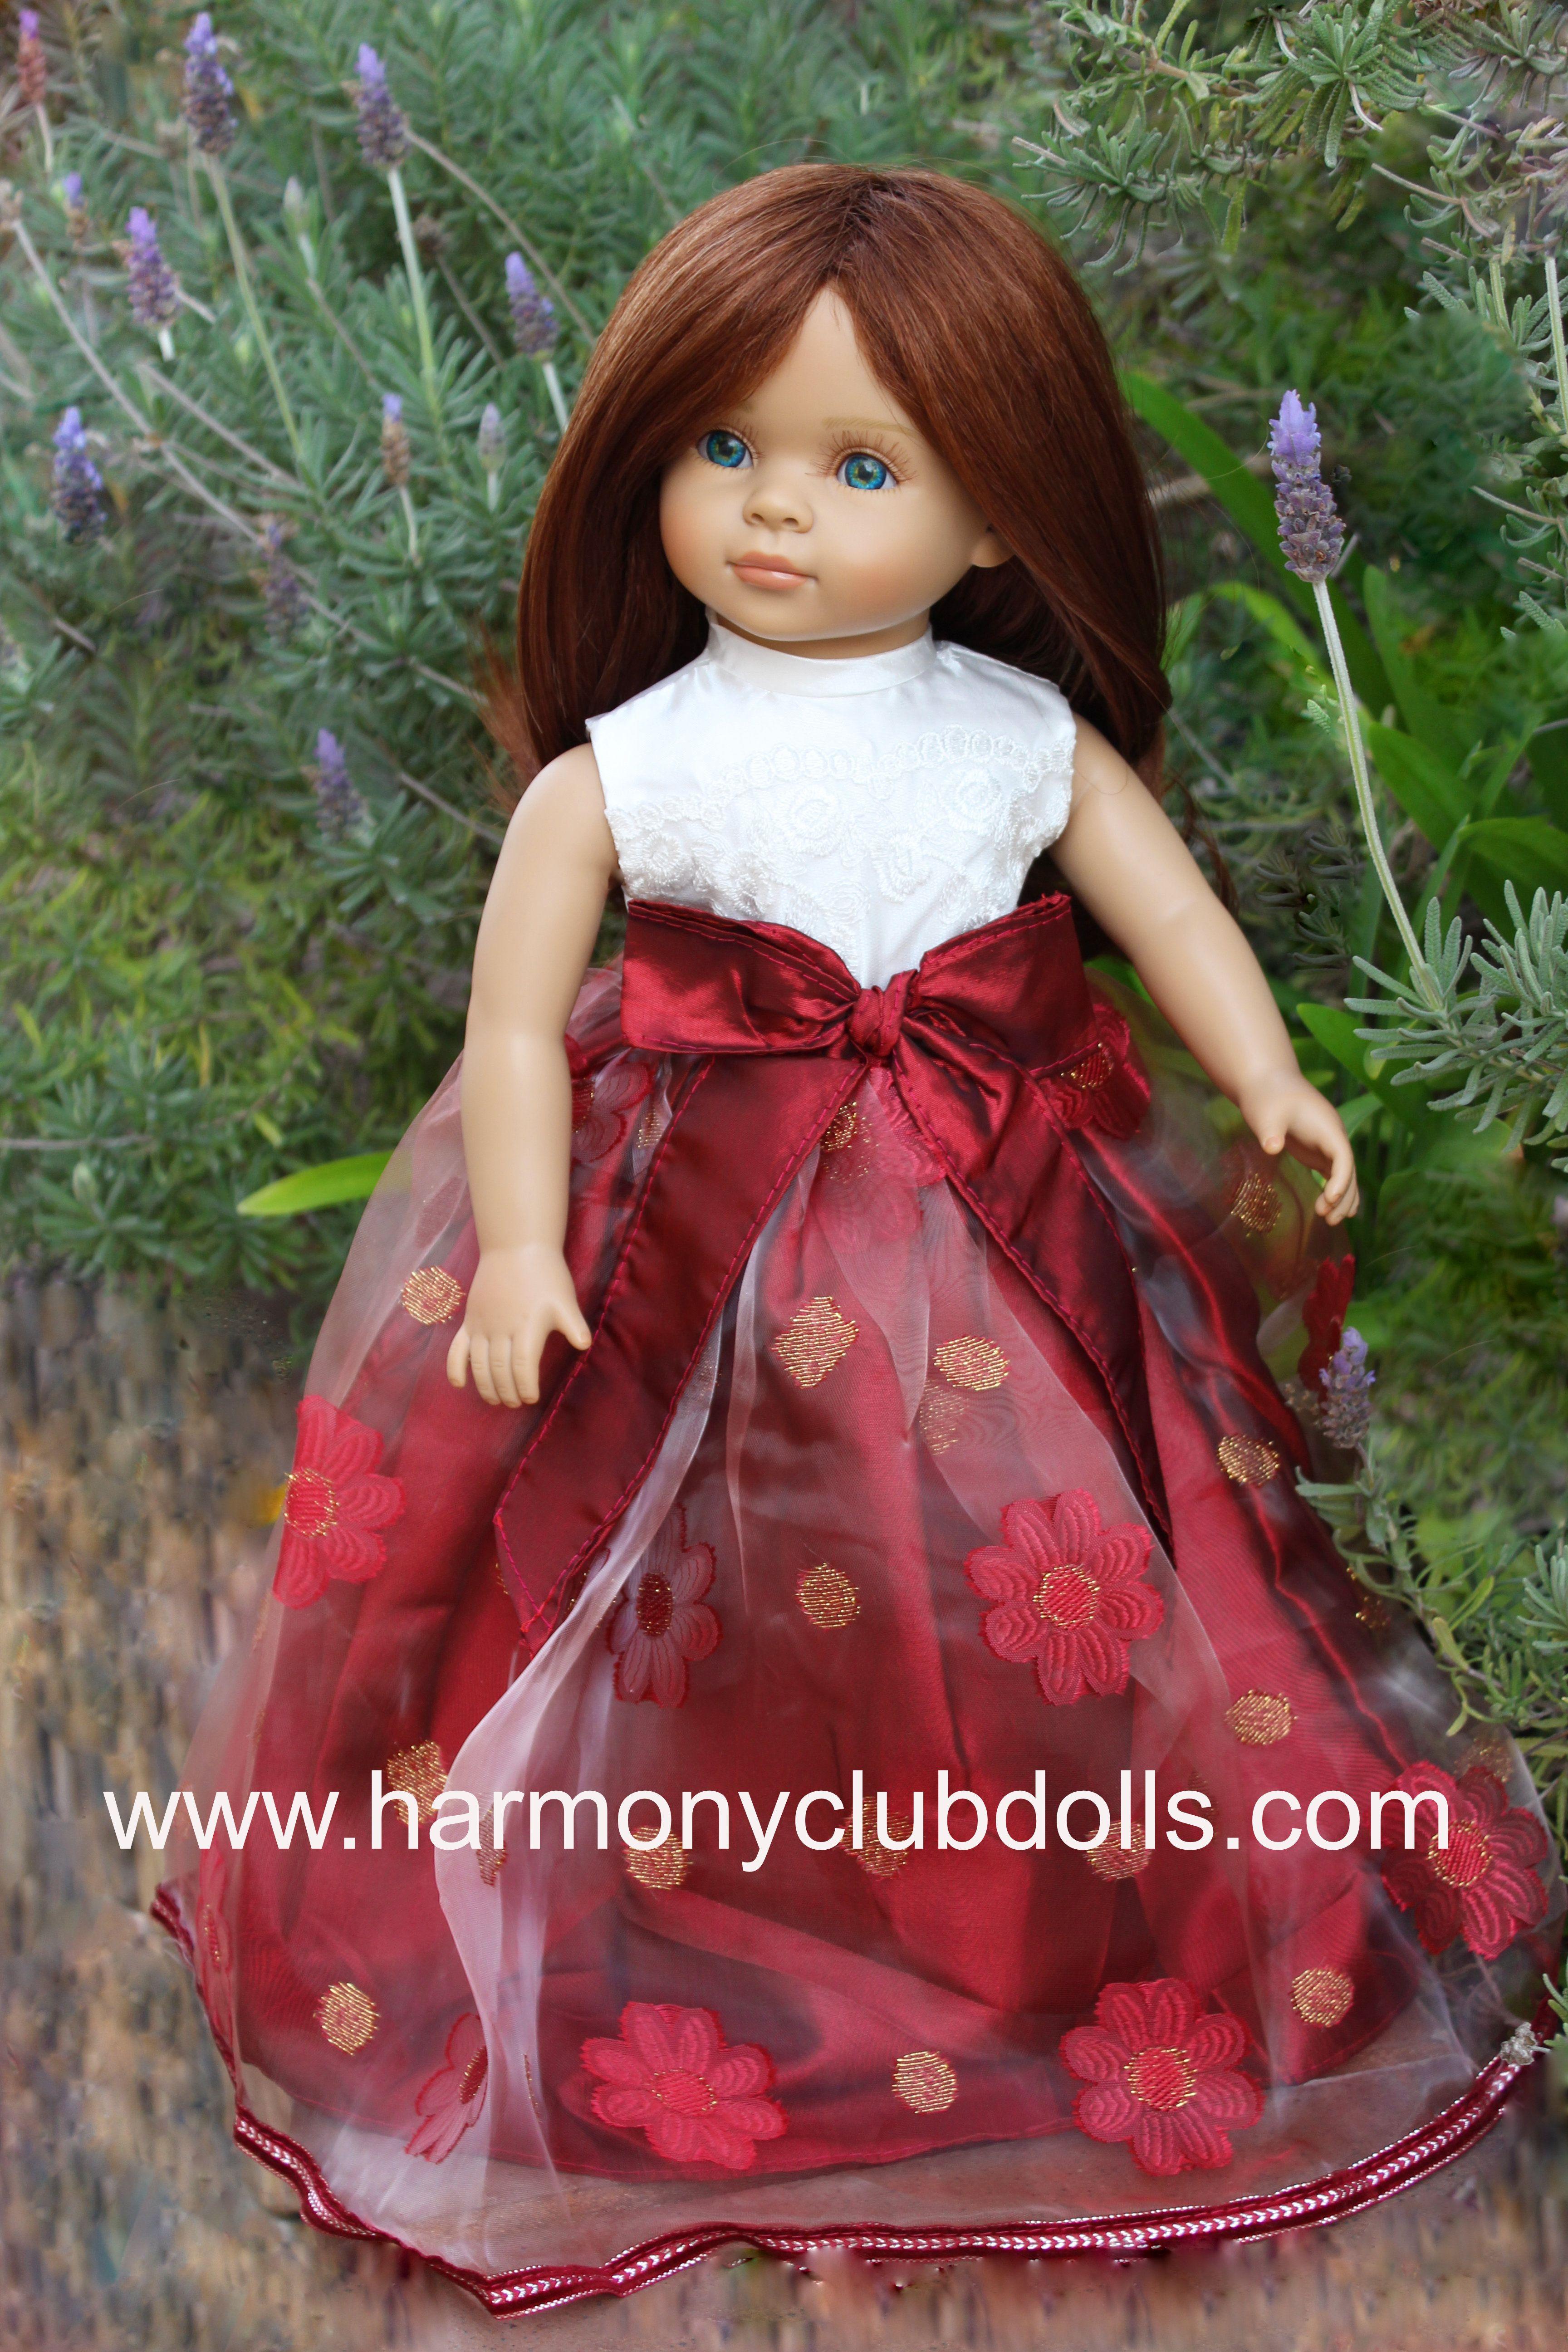 """HARMONY CLUB DOLLS 18"""" Dolls. Over 300 styles to fit American Girl Dolls www.harmonyclubdolls.com"""